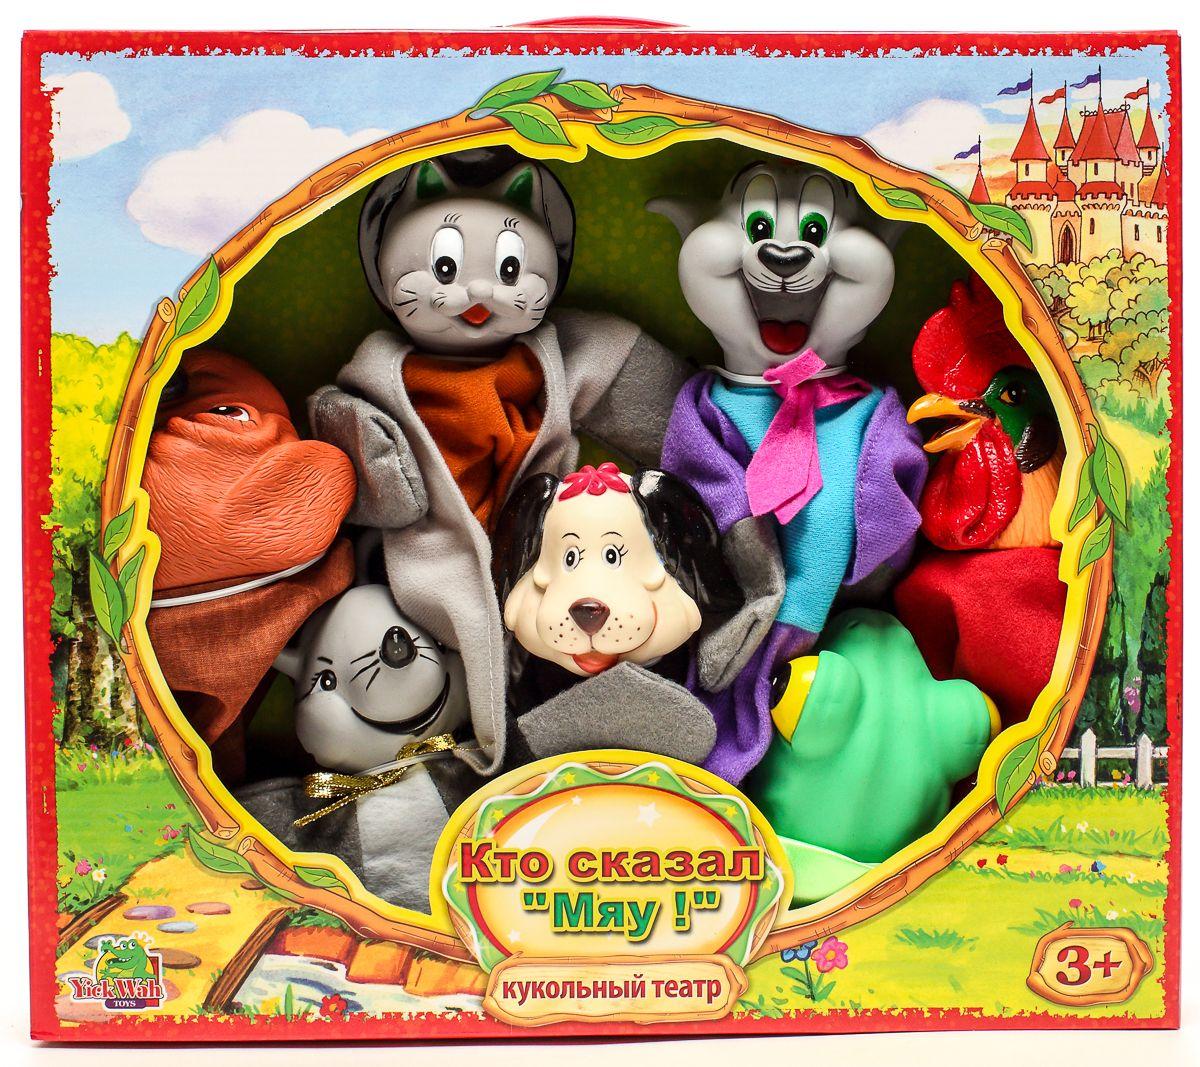 Yick Wah Кукольный театр Кто сказал мяу?7142/11SКукольный театр создан на основе всем известной сказки.Набор состоит из 7-и кукол-марионеток большого размера,одевающихся на кисть руки.Куклы обладают высокой прочностью,безопасностью.Доставляют малышам масс приятных и радостных эмоций